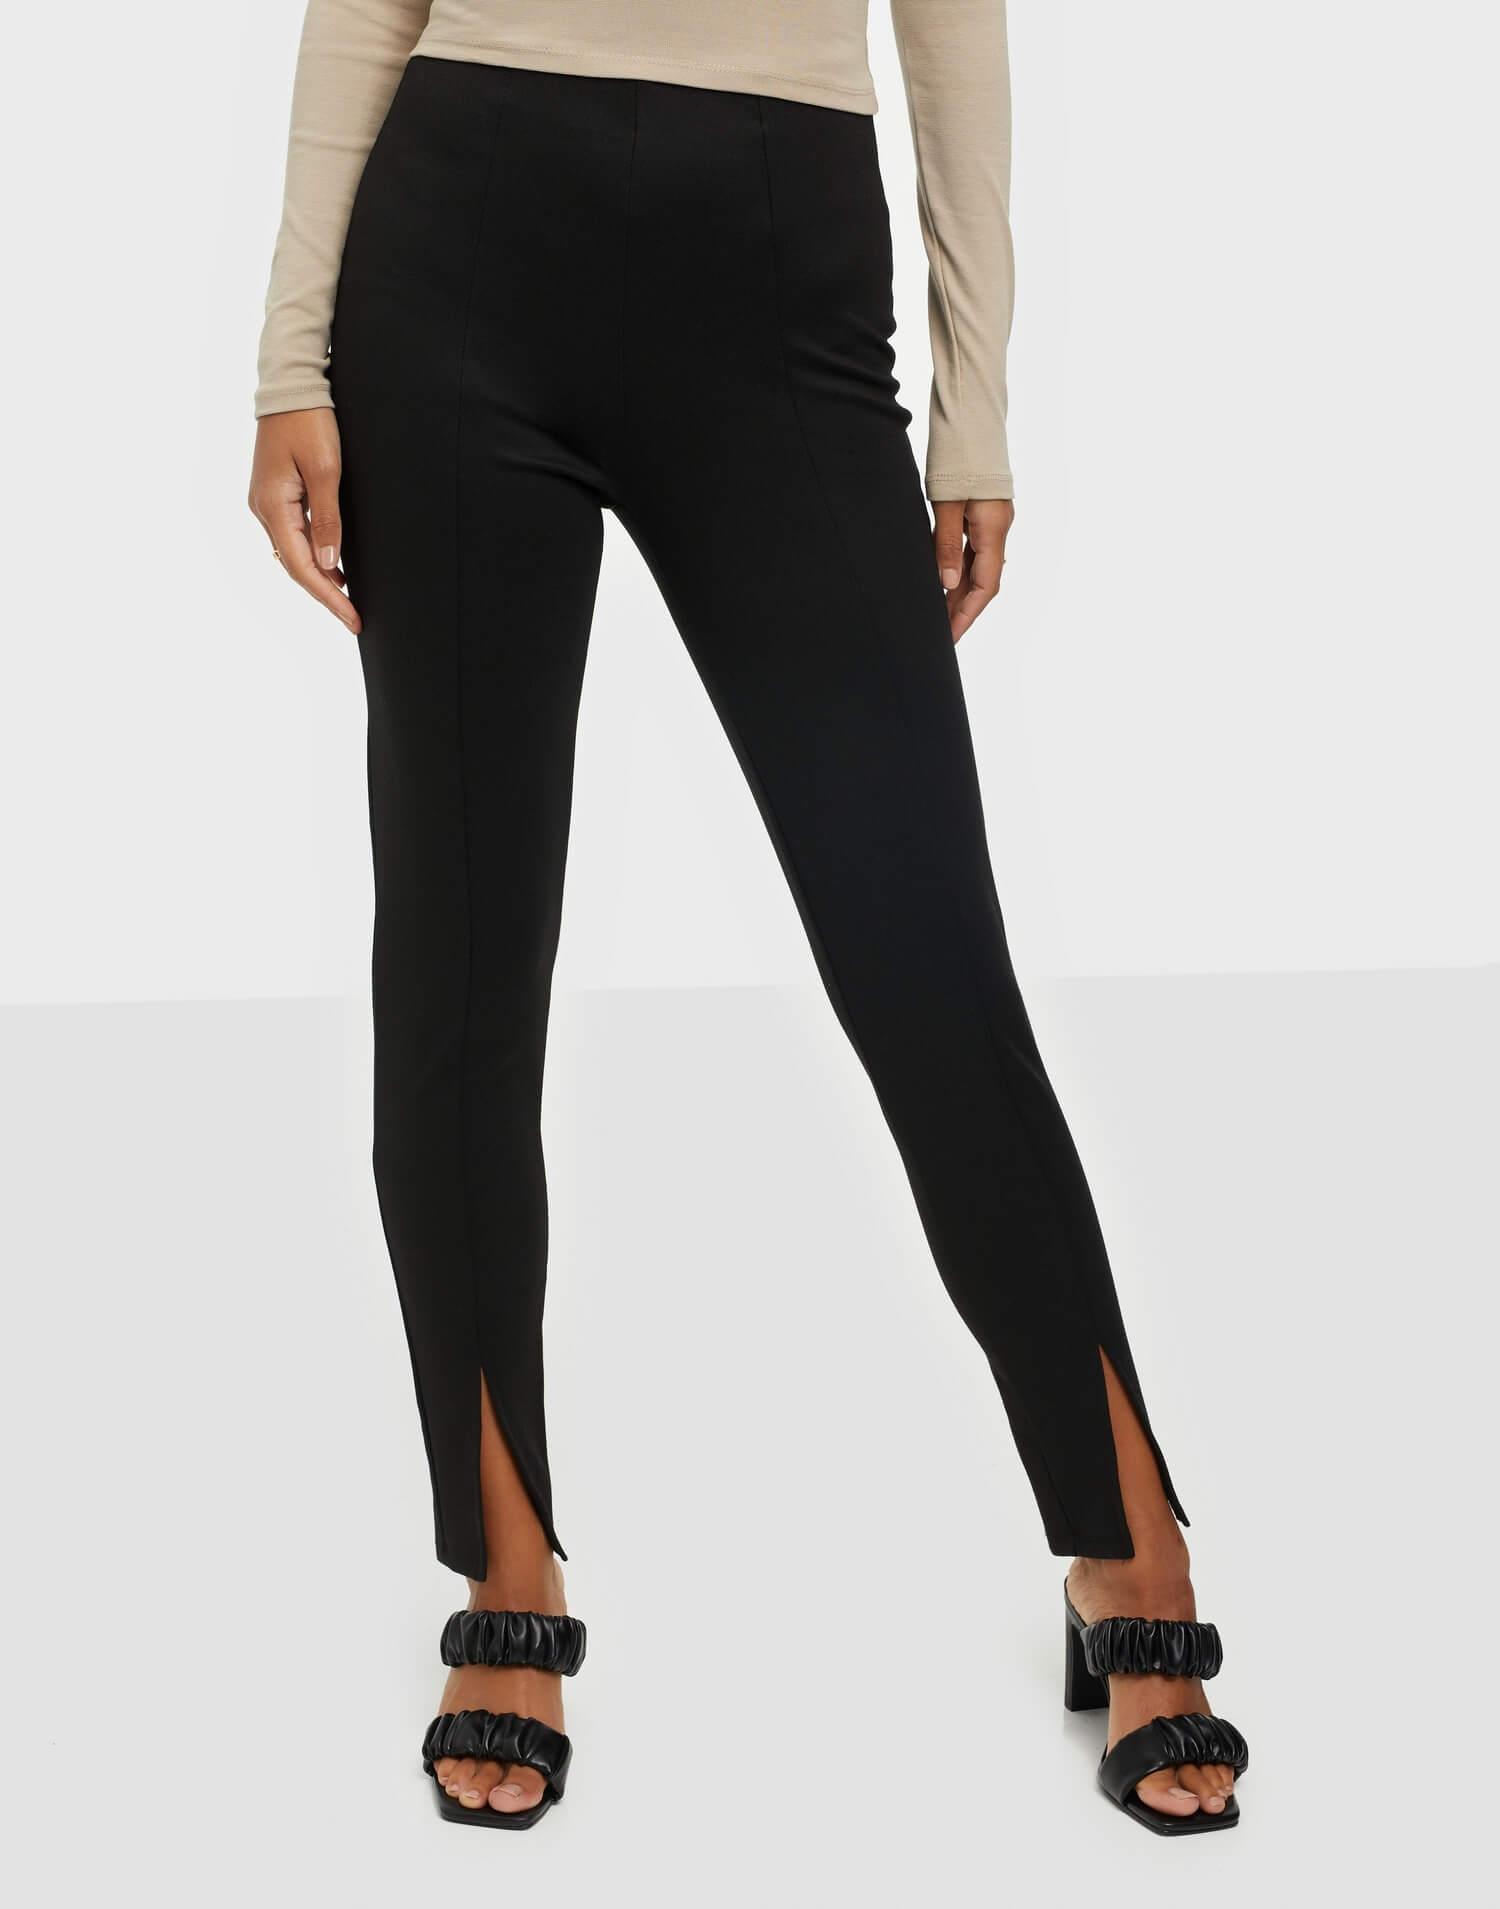 Ett par svarta leggings i high waist med slits i bensluten, från Noisy May.